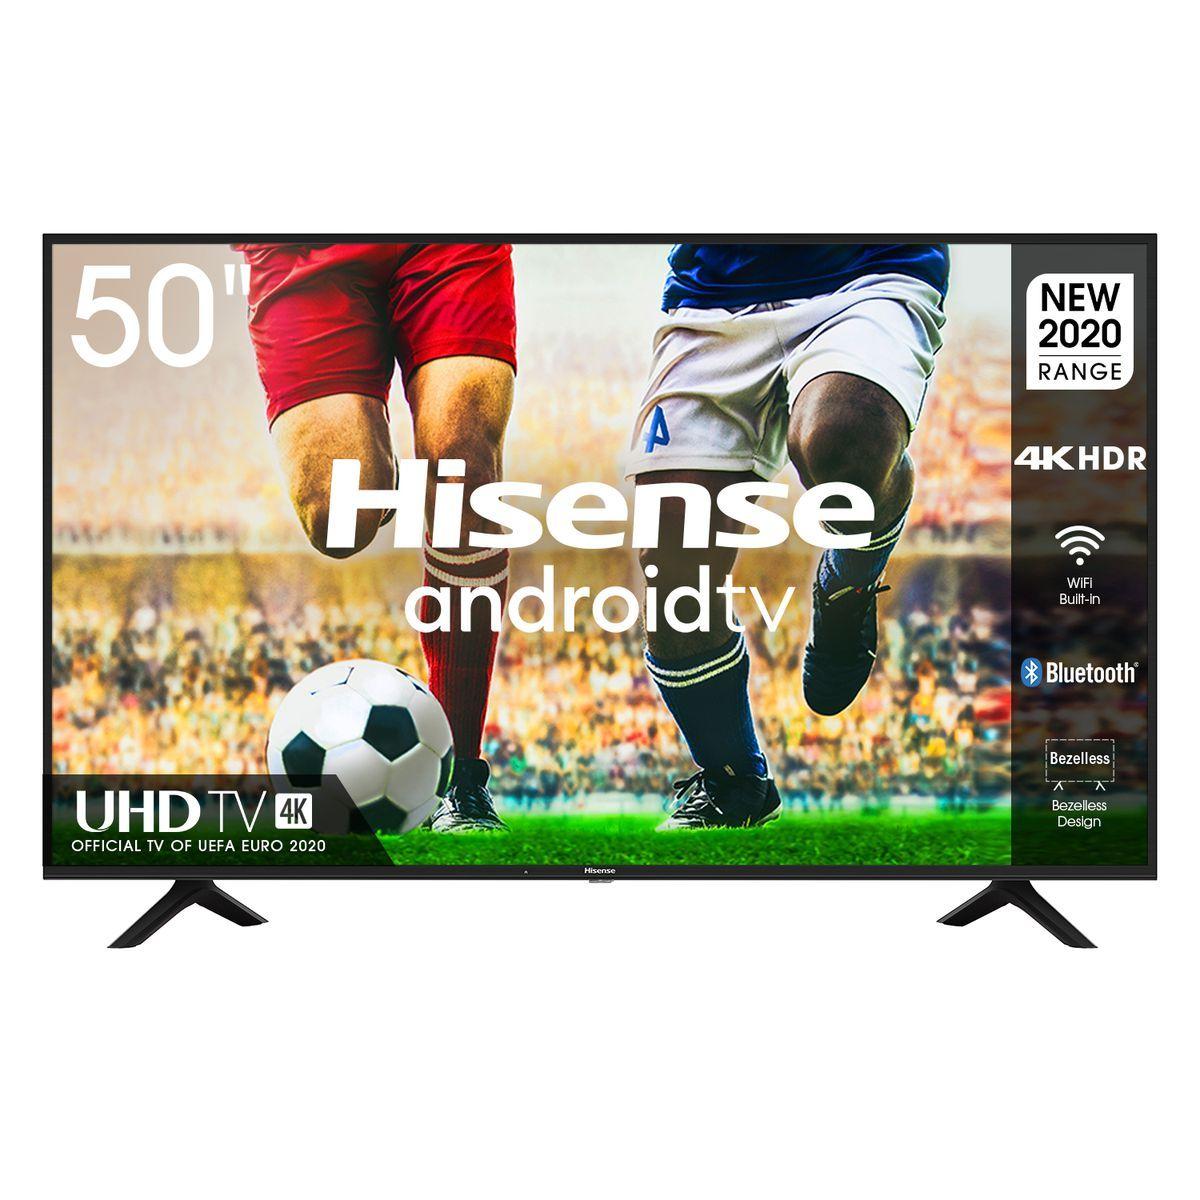 Hisense 65 inch True 4K UHD LED Matrix Frameless Android Based Smart TV